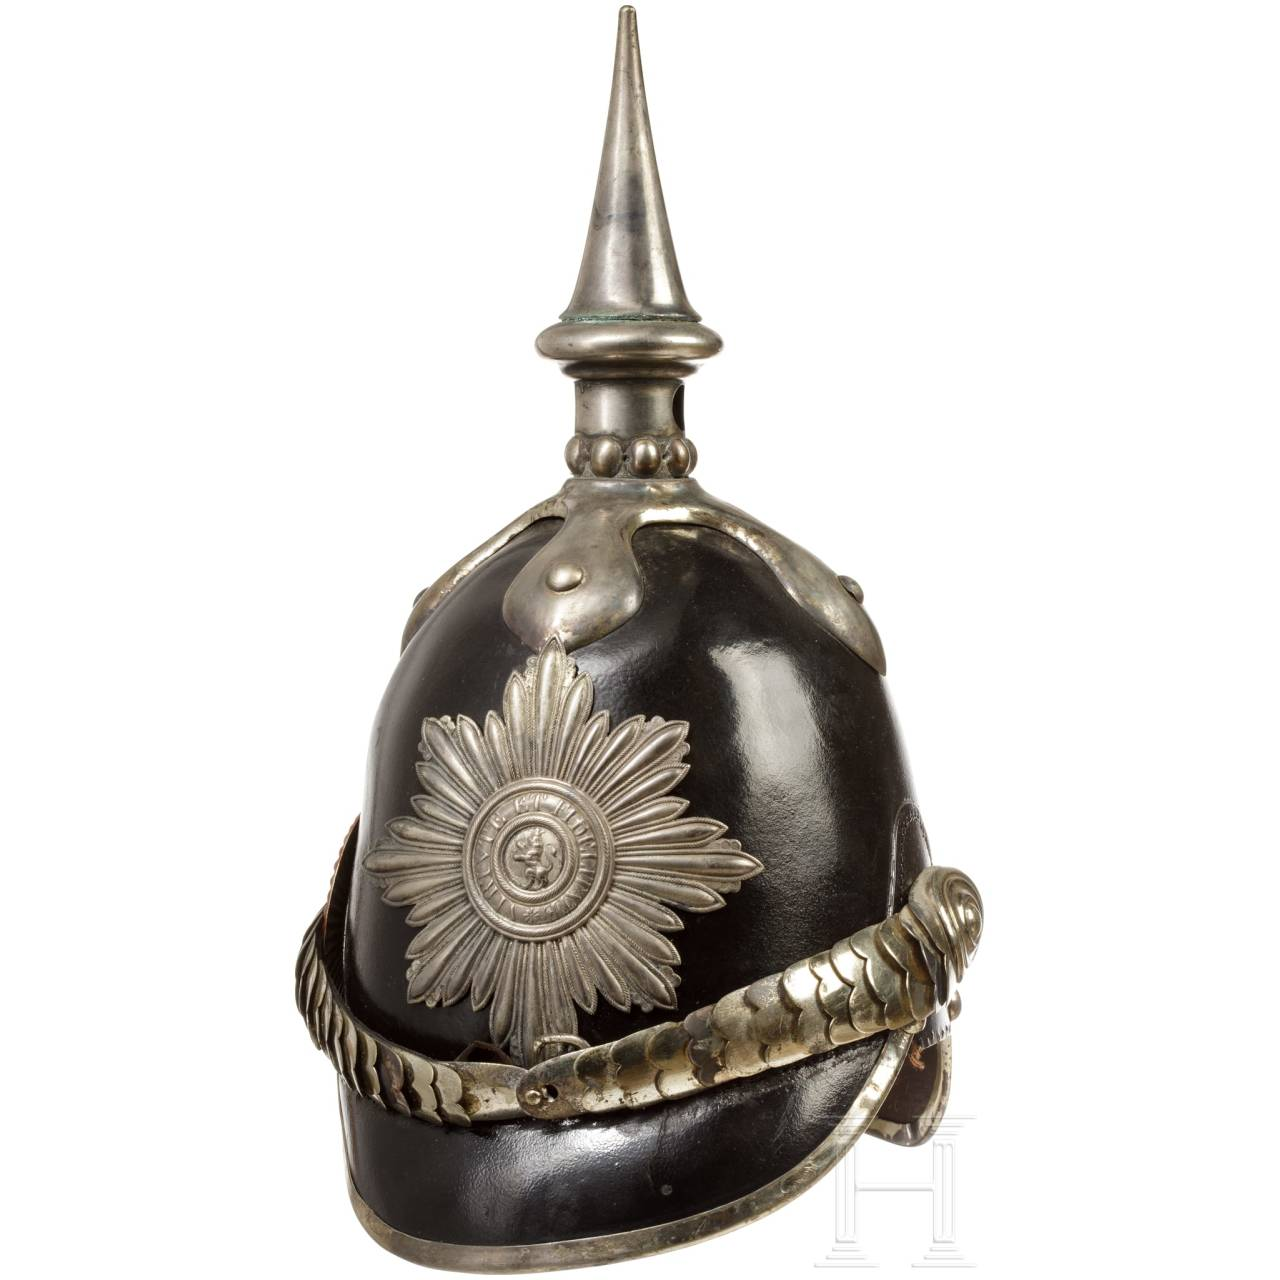 Helm M 1849 eines Hornisten der Gardetruppen